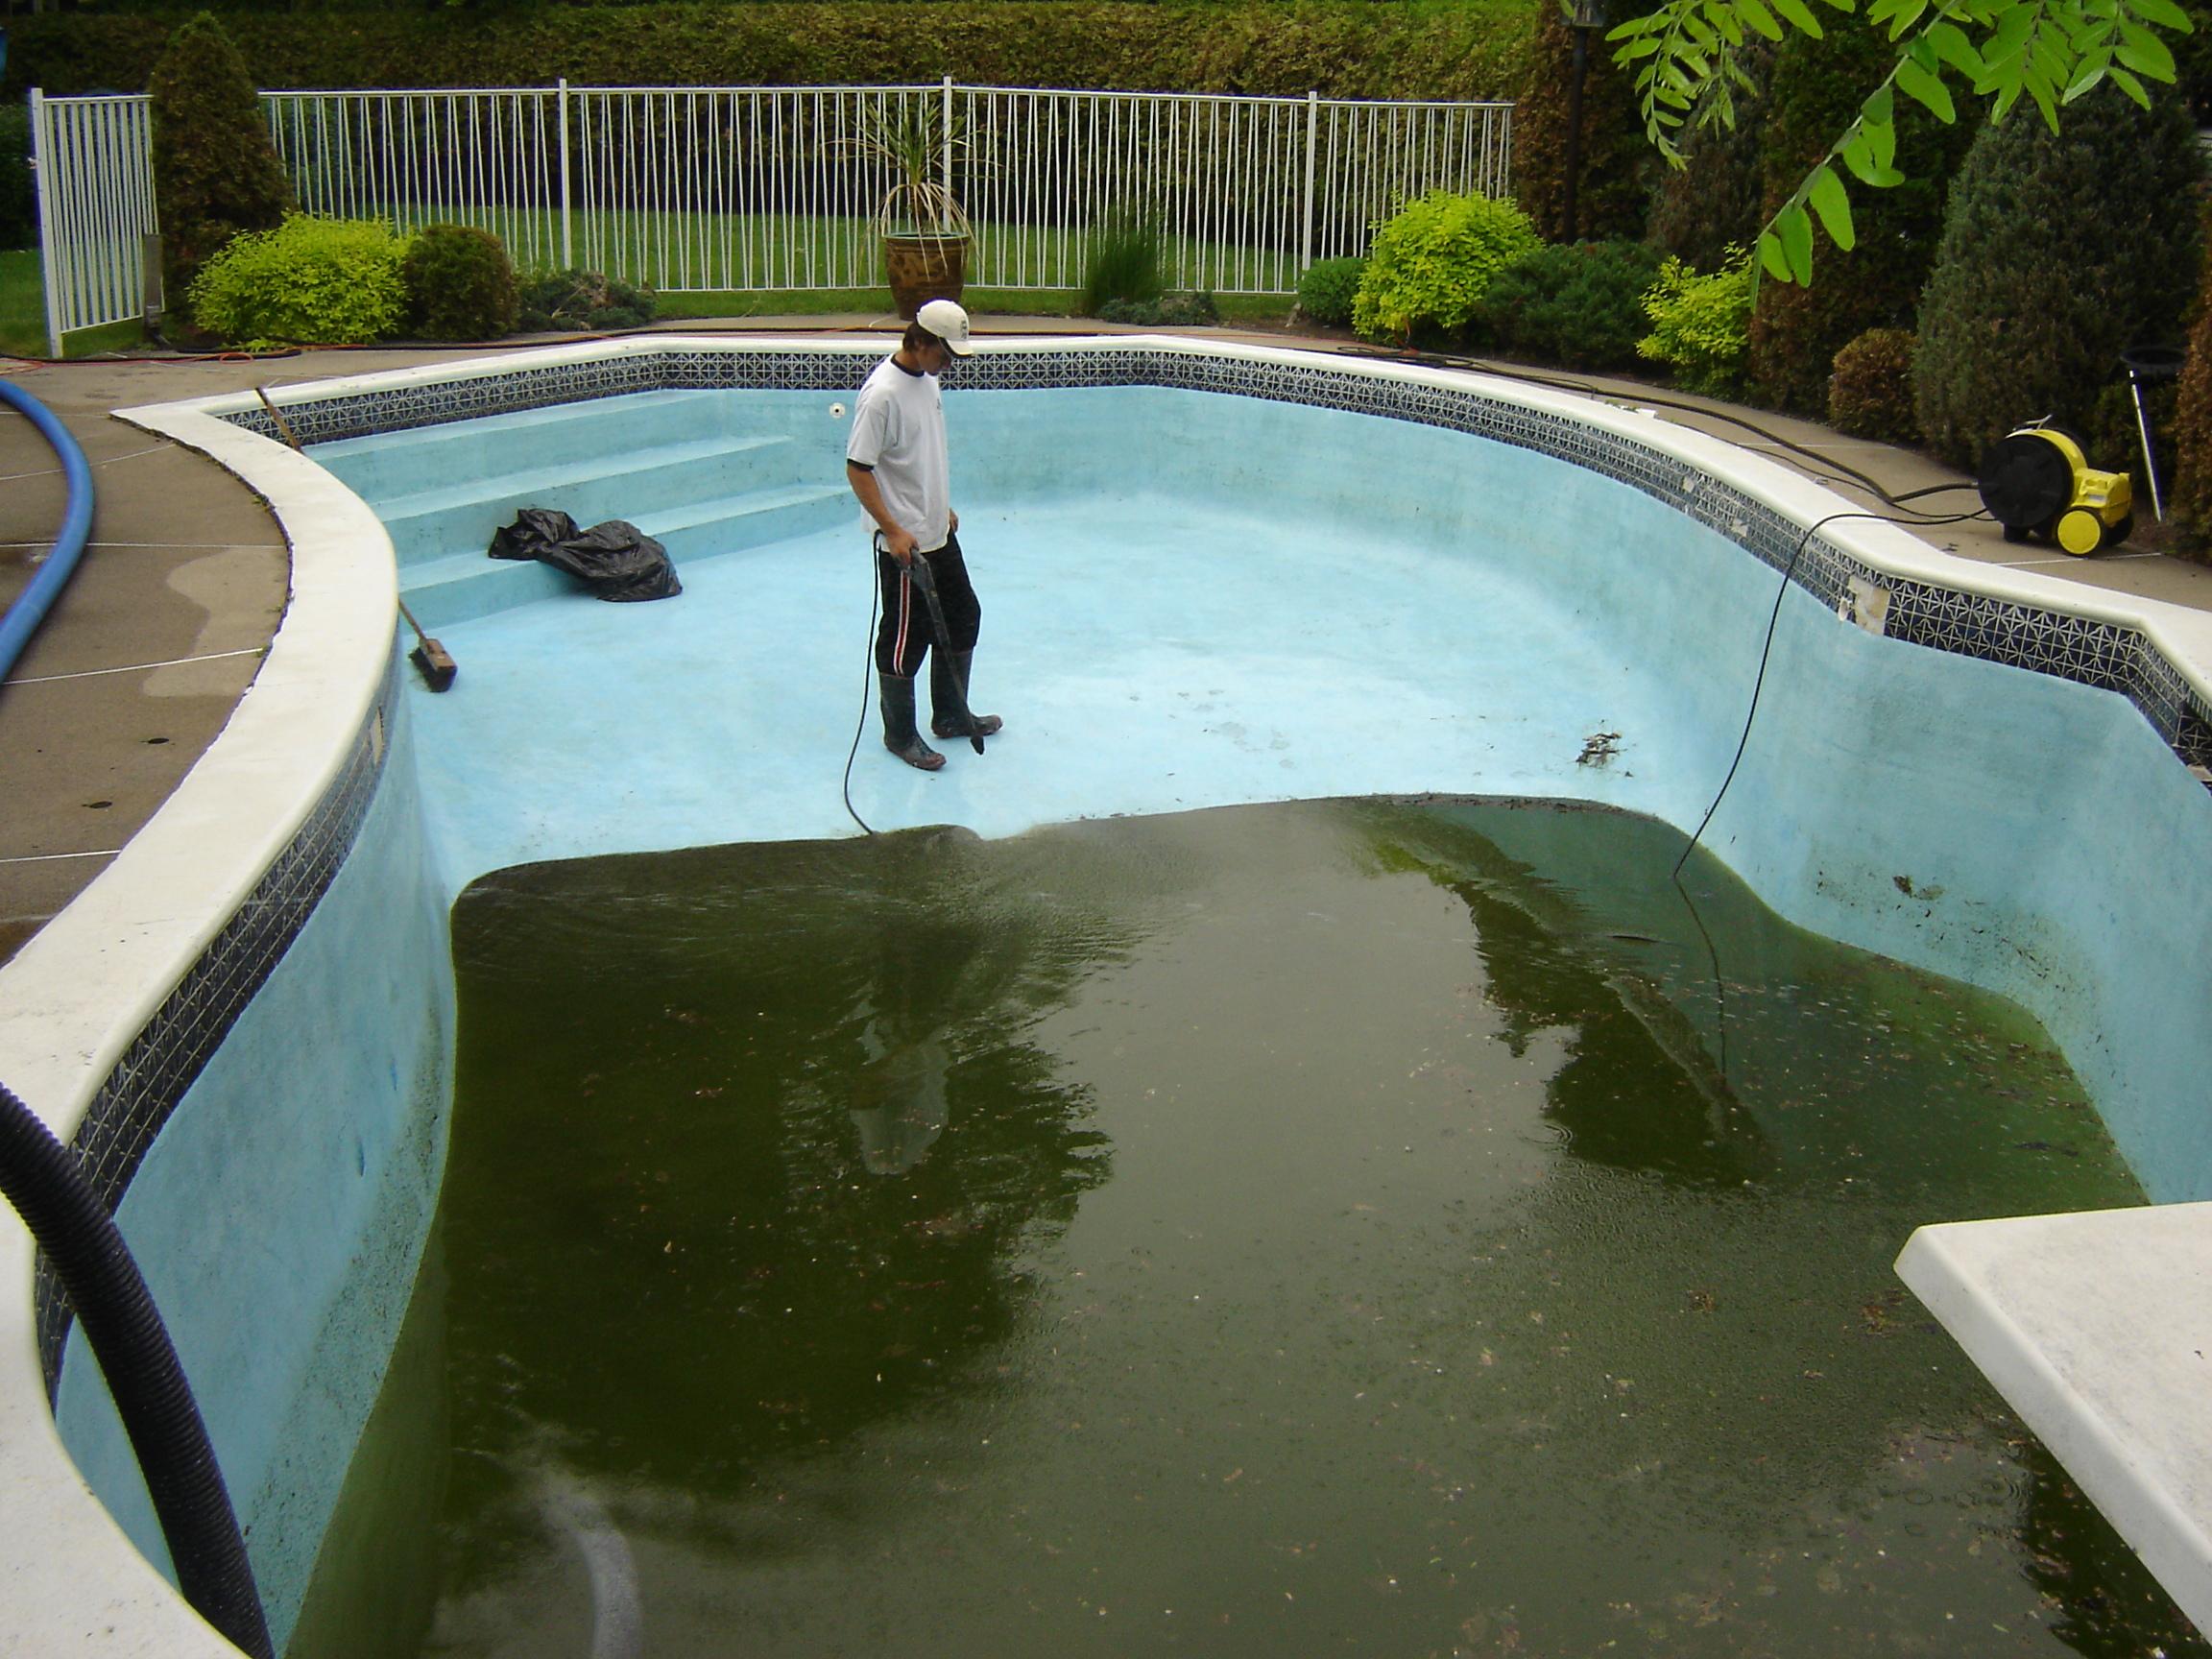 Ouverture de piscine poseidon montr al rive sud longueuil for Club piscine rive sud montreal